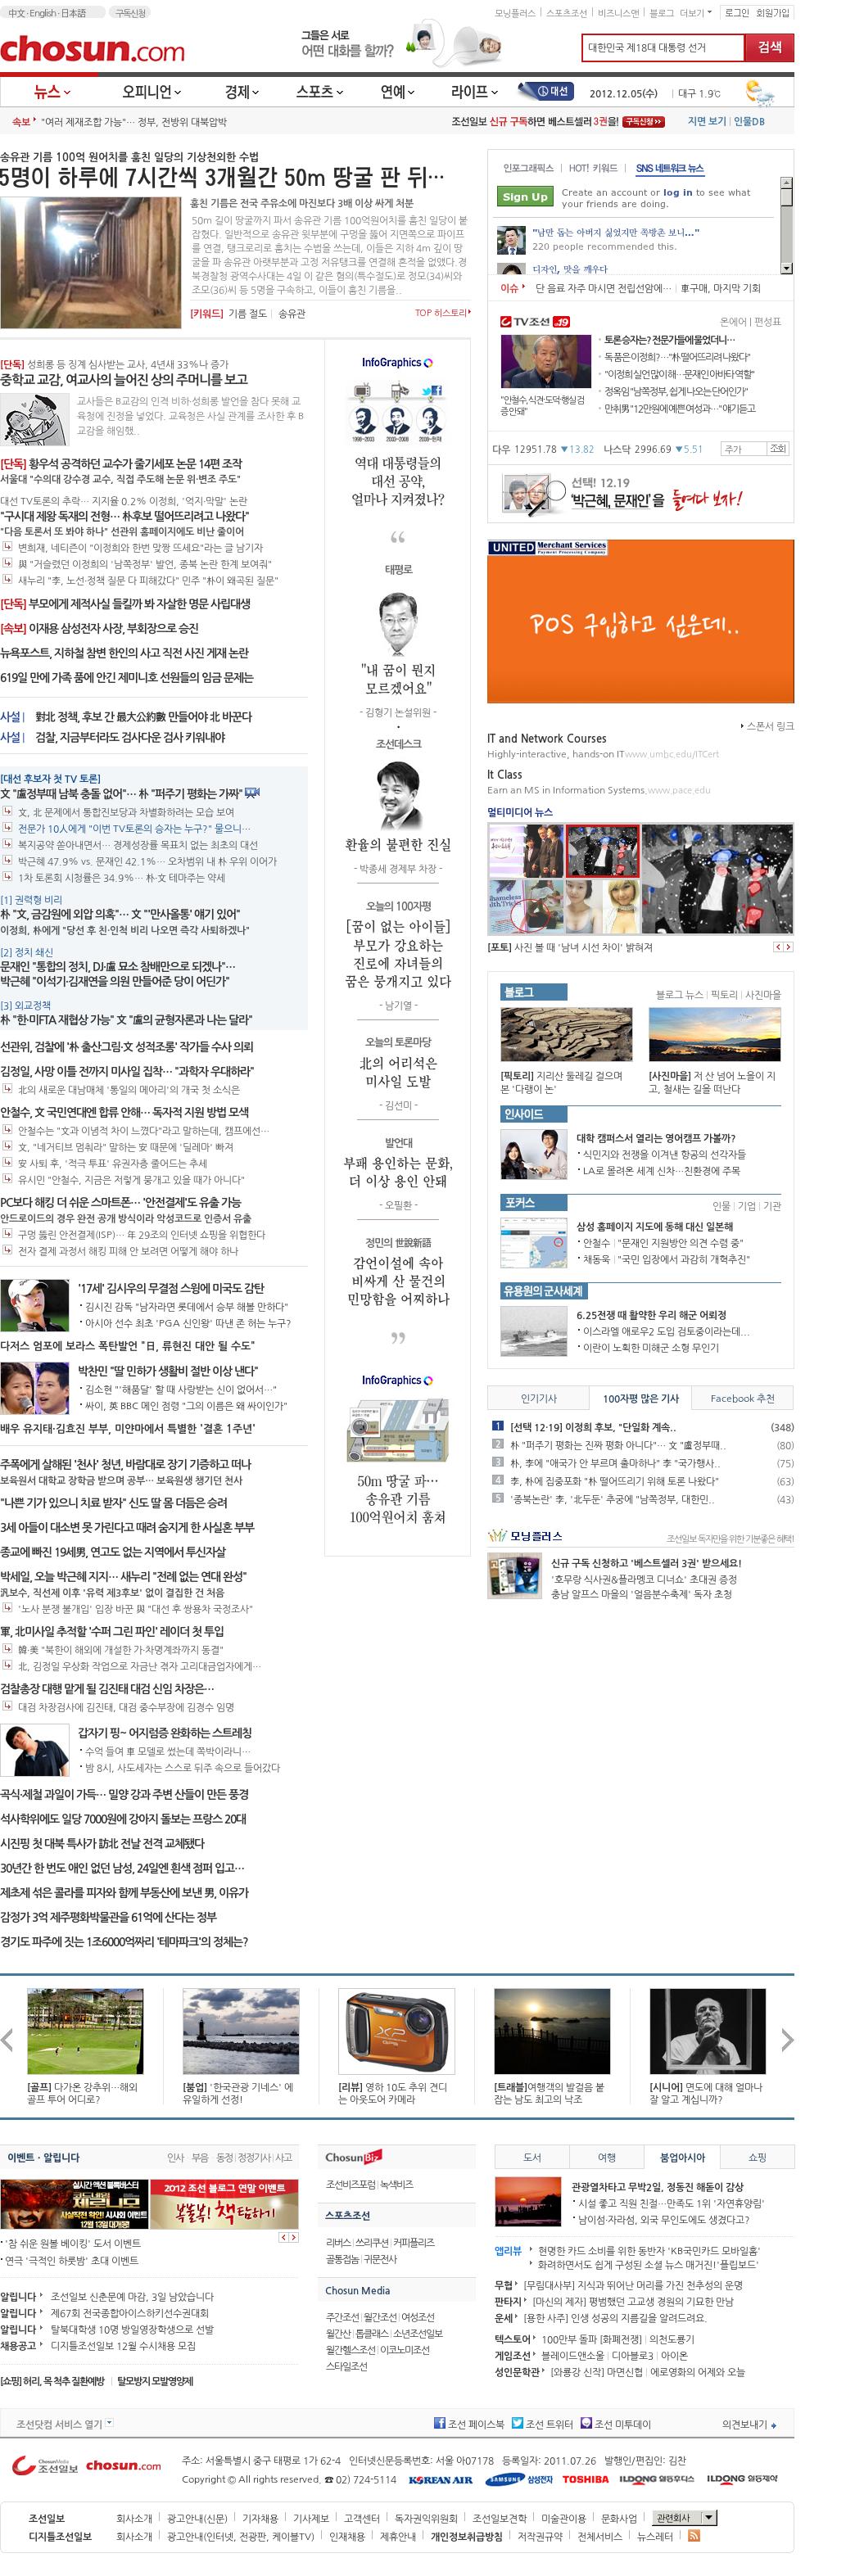 chosun.com at Wednesday Dec. 5, 2012, 2:05 a.m. UTC